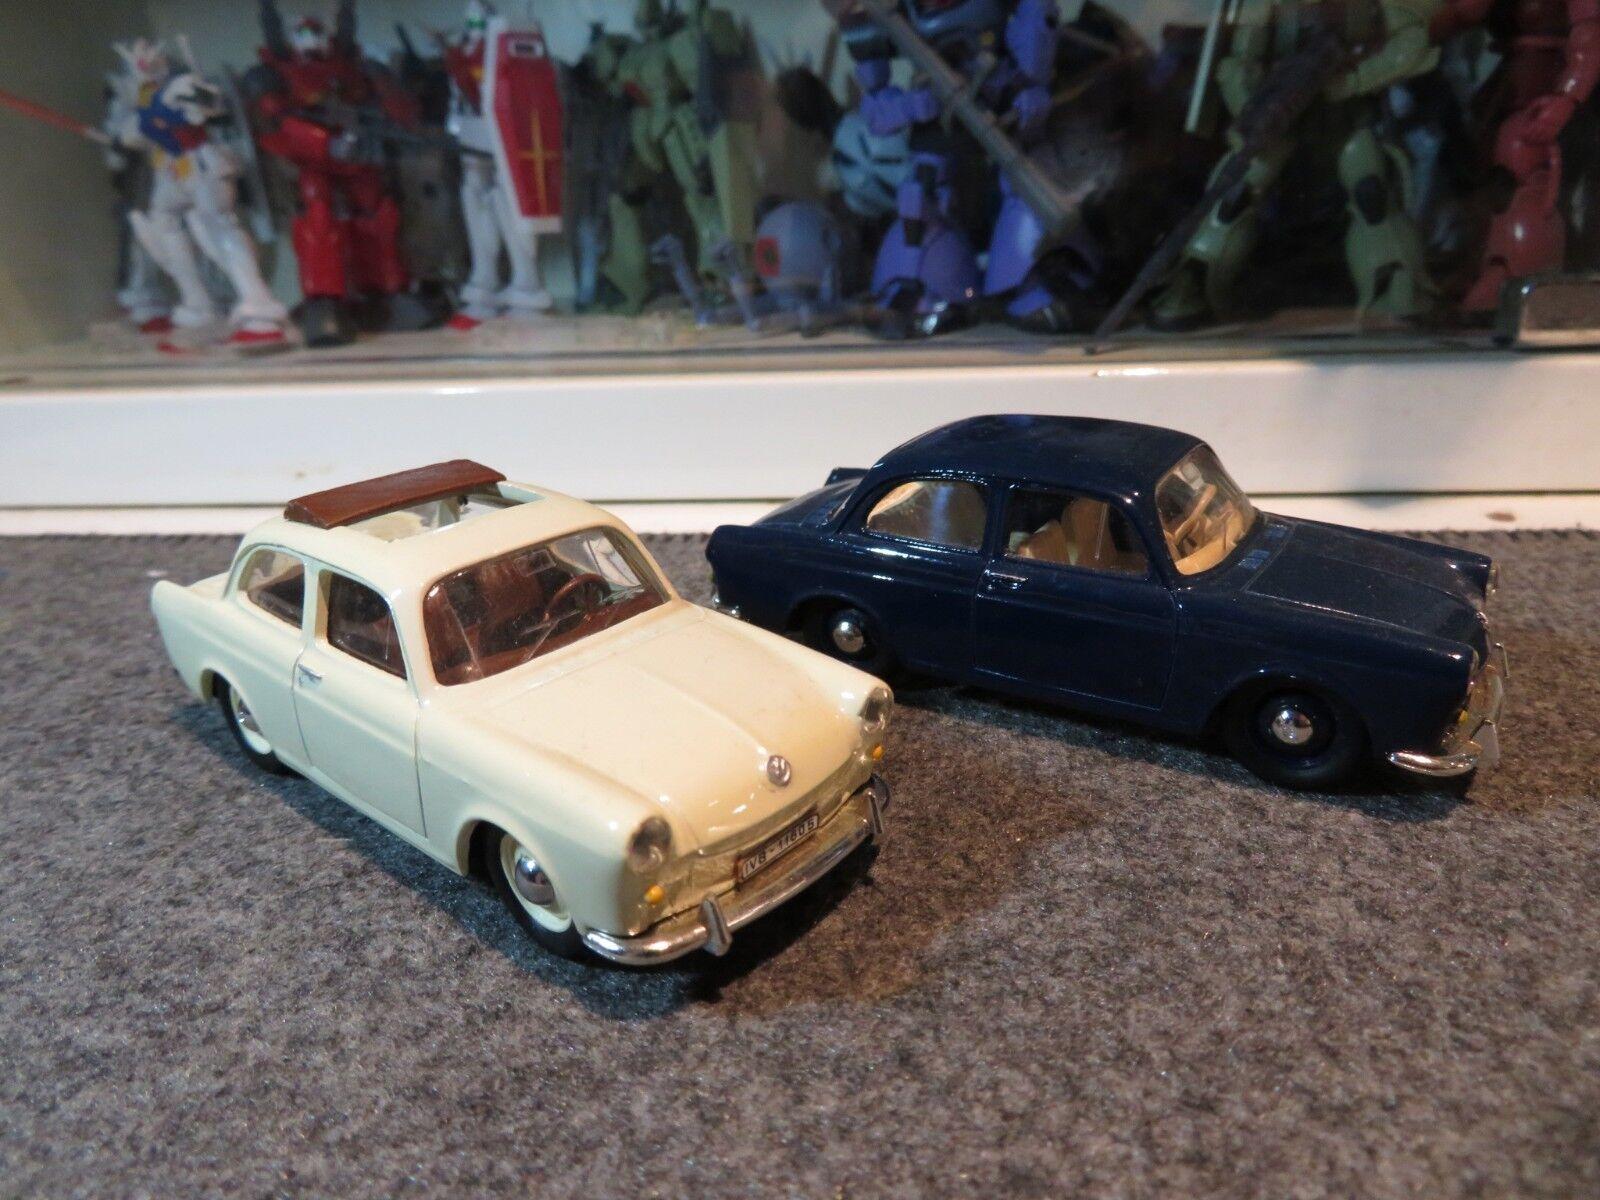 1 43 VITESSE VW VOLKSWAGEN 1500 ouvrir  toit crème + HARD TOP bleu moulé sous pression (2pcs)  100% de contre-garantie authentique